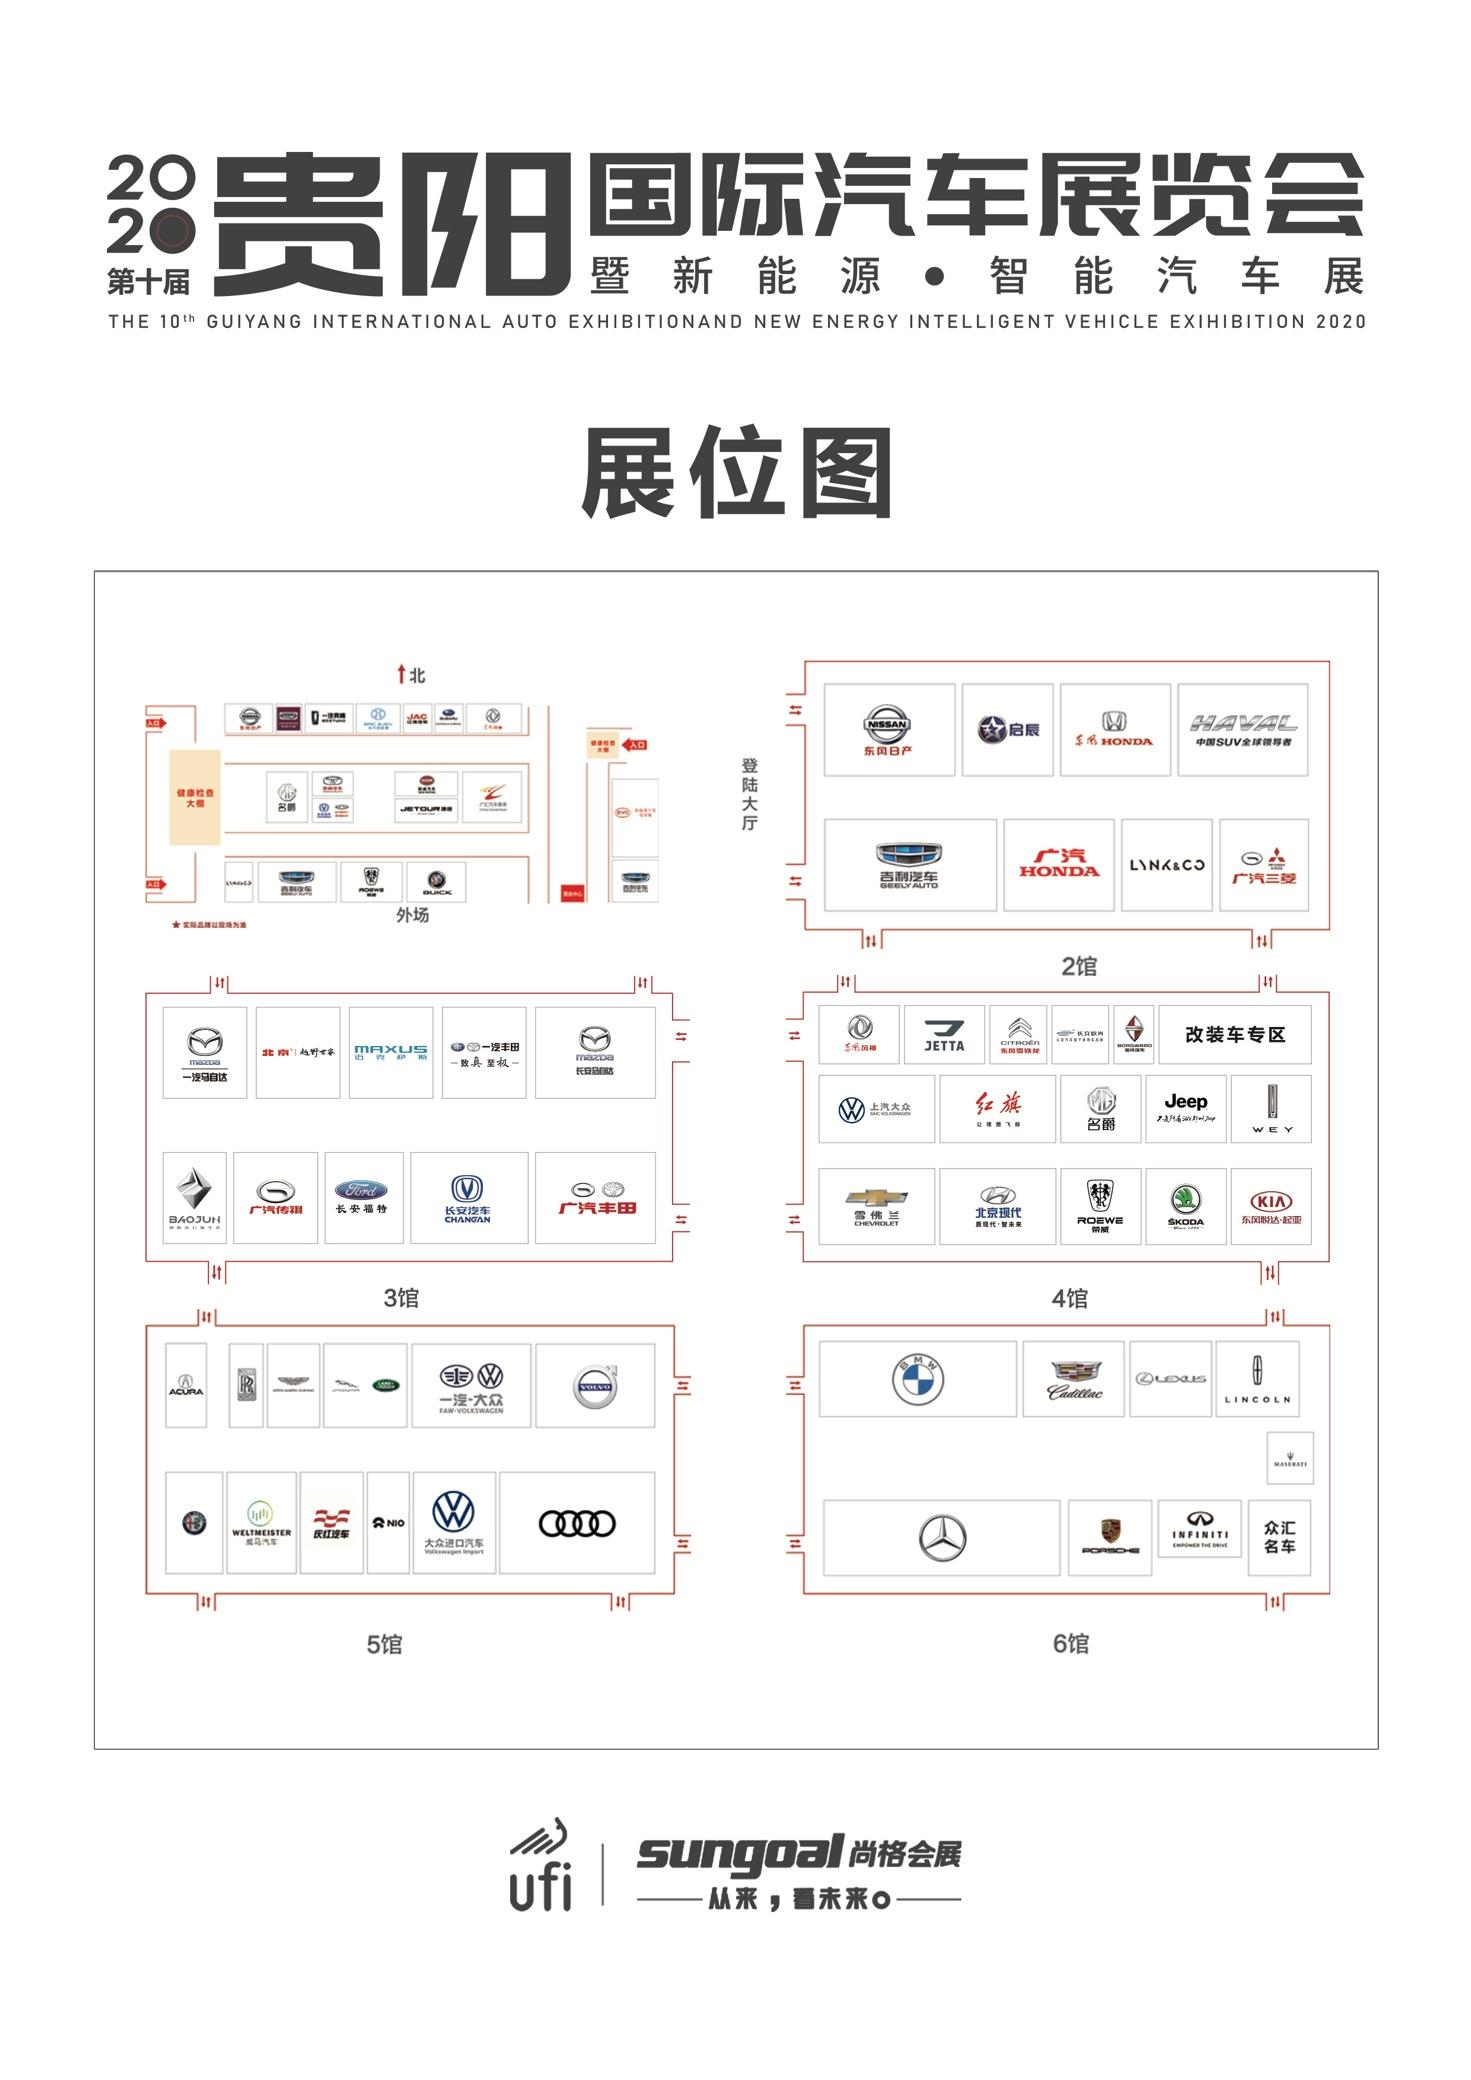 2020第十届贵阳国际车展完整宝典,观展需带身份证!